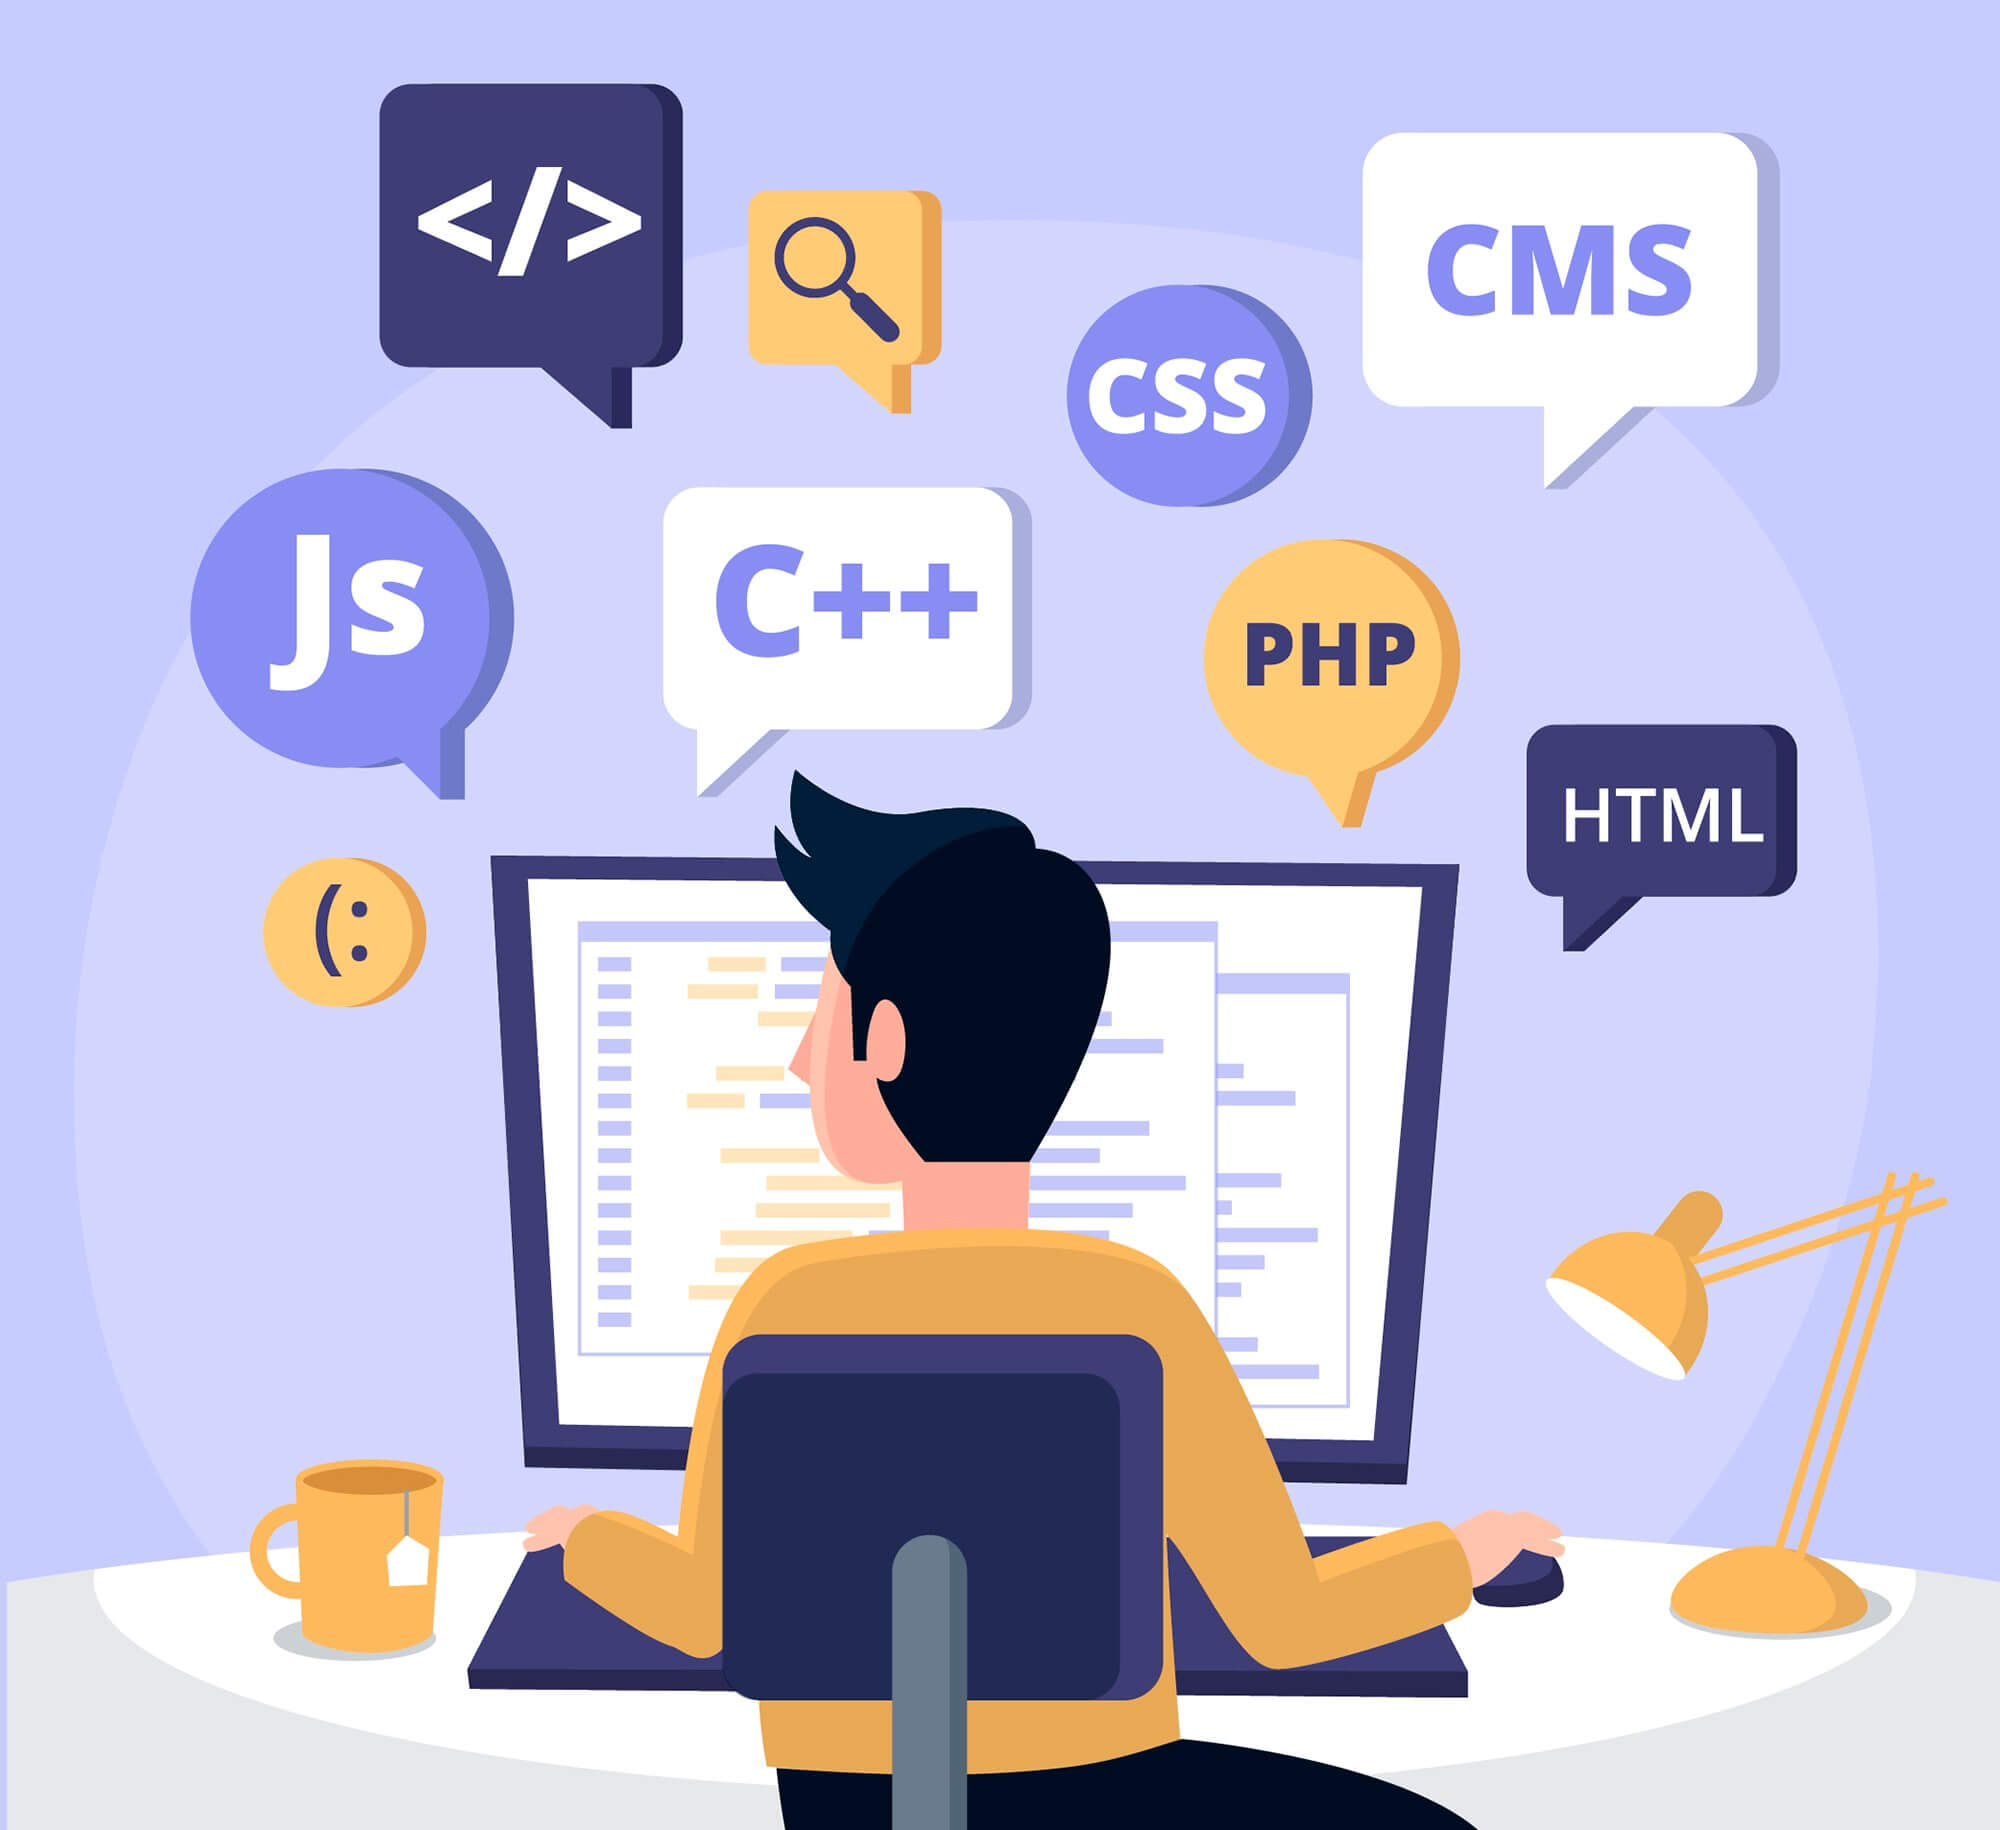 プログラミングの基礎知識その3)プログラミング言語の種類